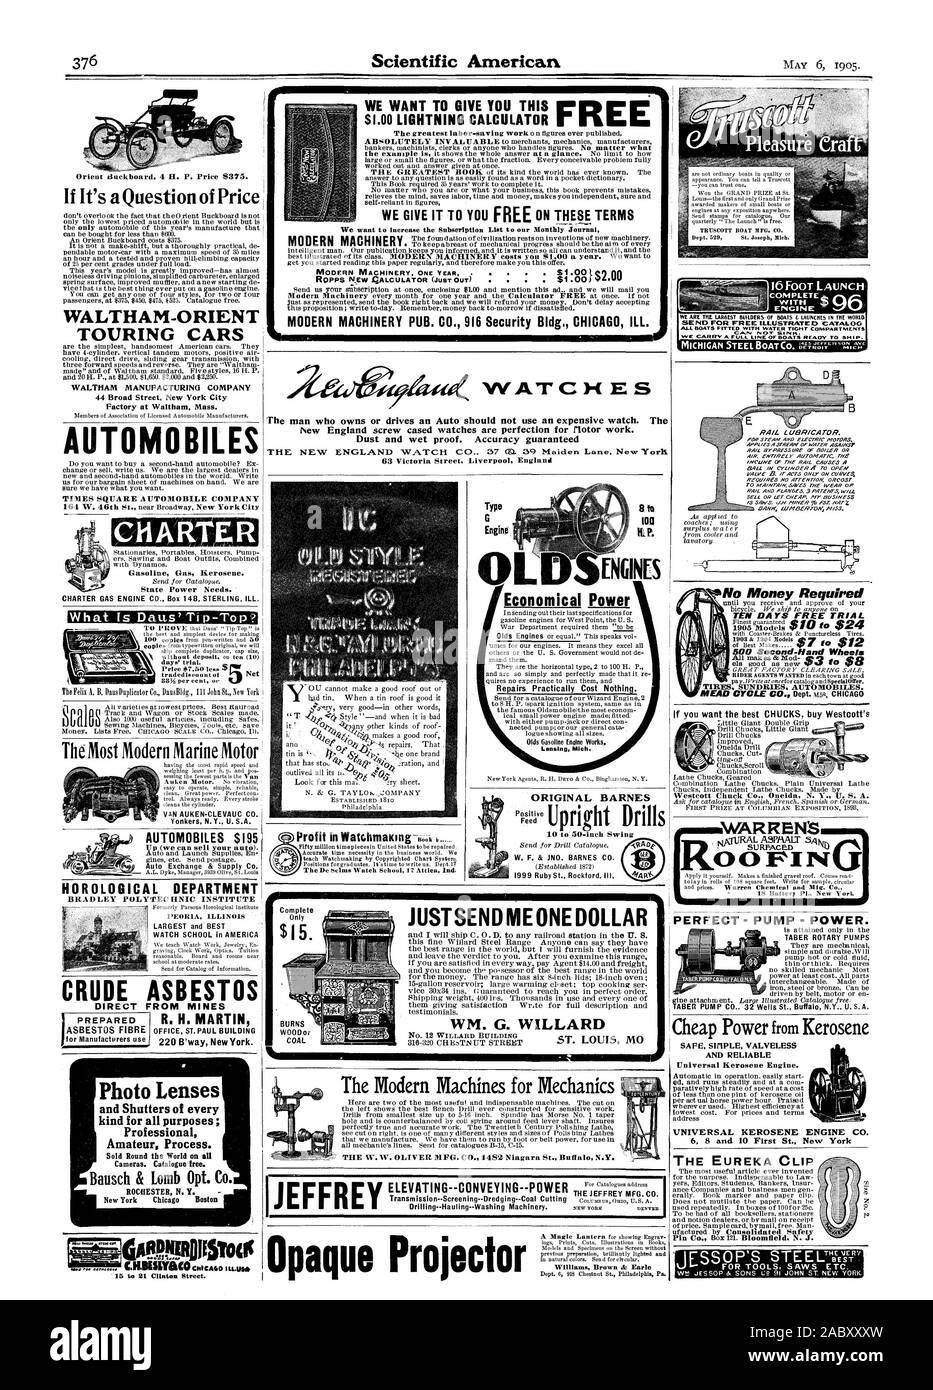 Queremos aumentar la lista de suscripción a nuestra revista mensual de moderna maquinaria de nada ver la escuela 17 Attica Ind reparaciones prácticamente no cuesta nada. logue mostrando todos los tamaños Lansing, Michigan poder económico ORIGINAL W. F. BARNES & JNO. BARNES CO. de 1999 Ruby St. Rockford. III. Proyector opaco I II Las máquinas modernas para la mecánica de la W. W. OLIVER MFG. CO. 1482 Niagara St. Buffal N.Y. Nº 12 WILLARD EDIFICIO ME JUSTSEND UN DÓLAR Williams Brown & Earle Orient tinckboard 4 H. P. el precio de $ 375. Si se trata de una cuestión de precio WALTHAM-ORIENT TURISMOS WALTHAM Manufacturing Company 44 Broad Street Foto de stock